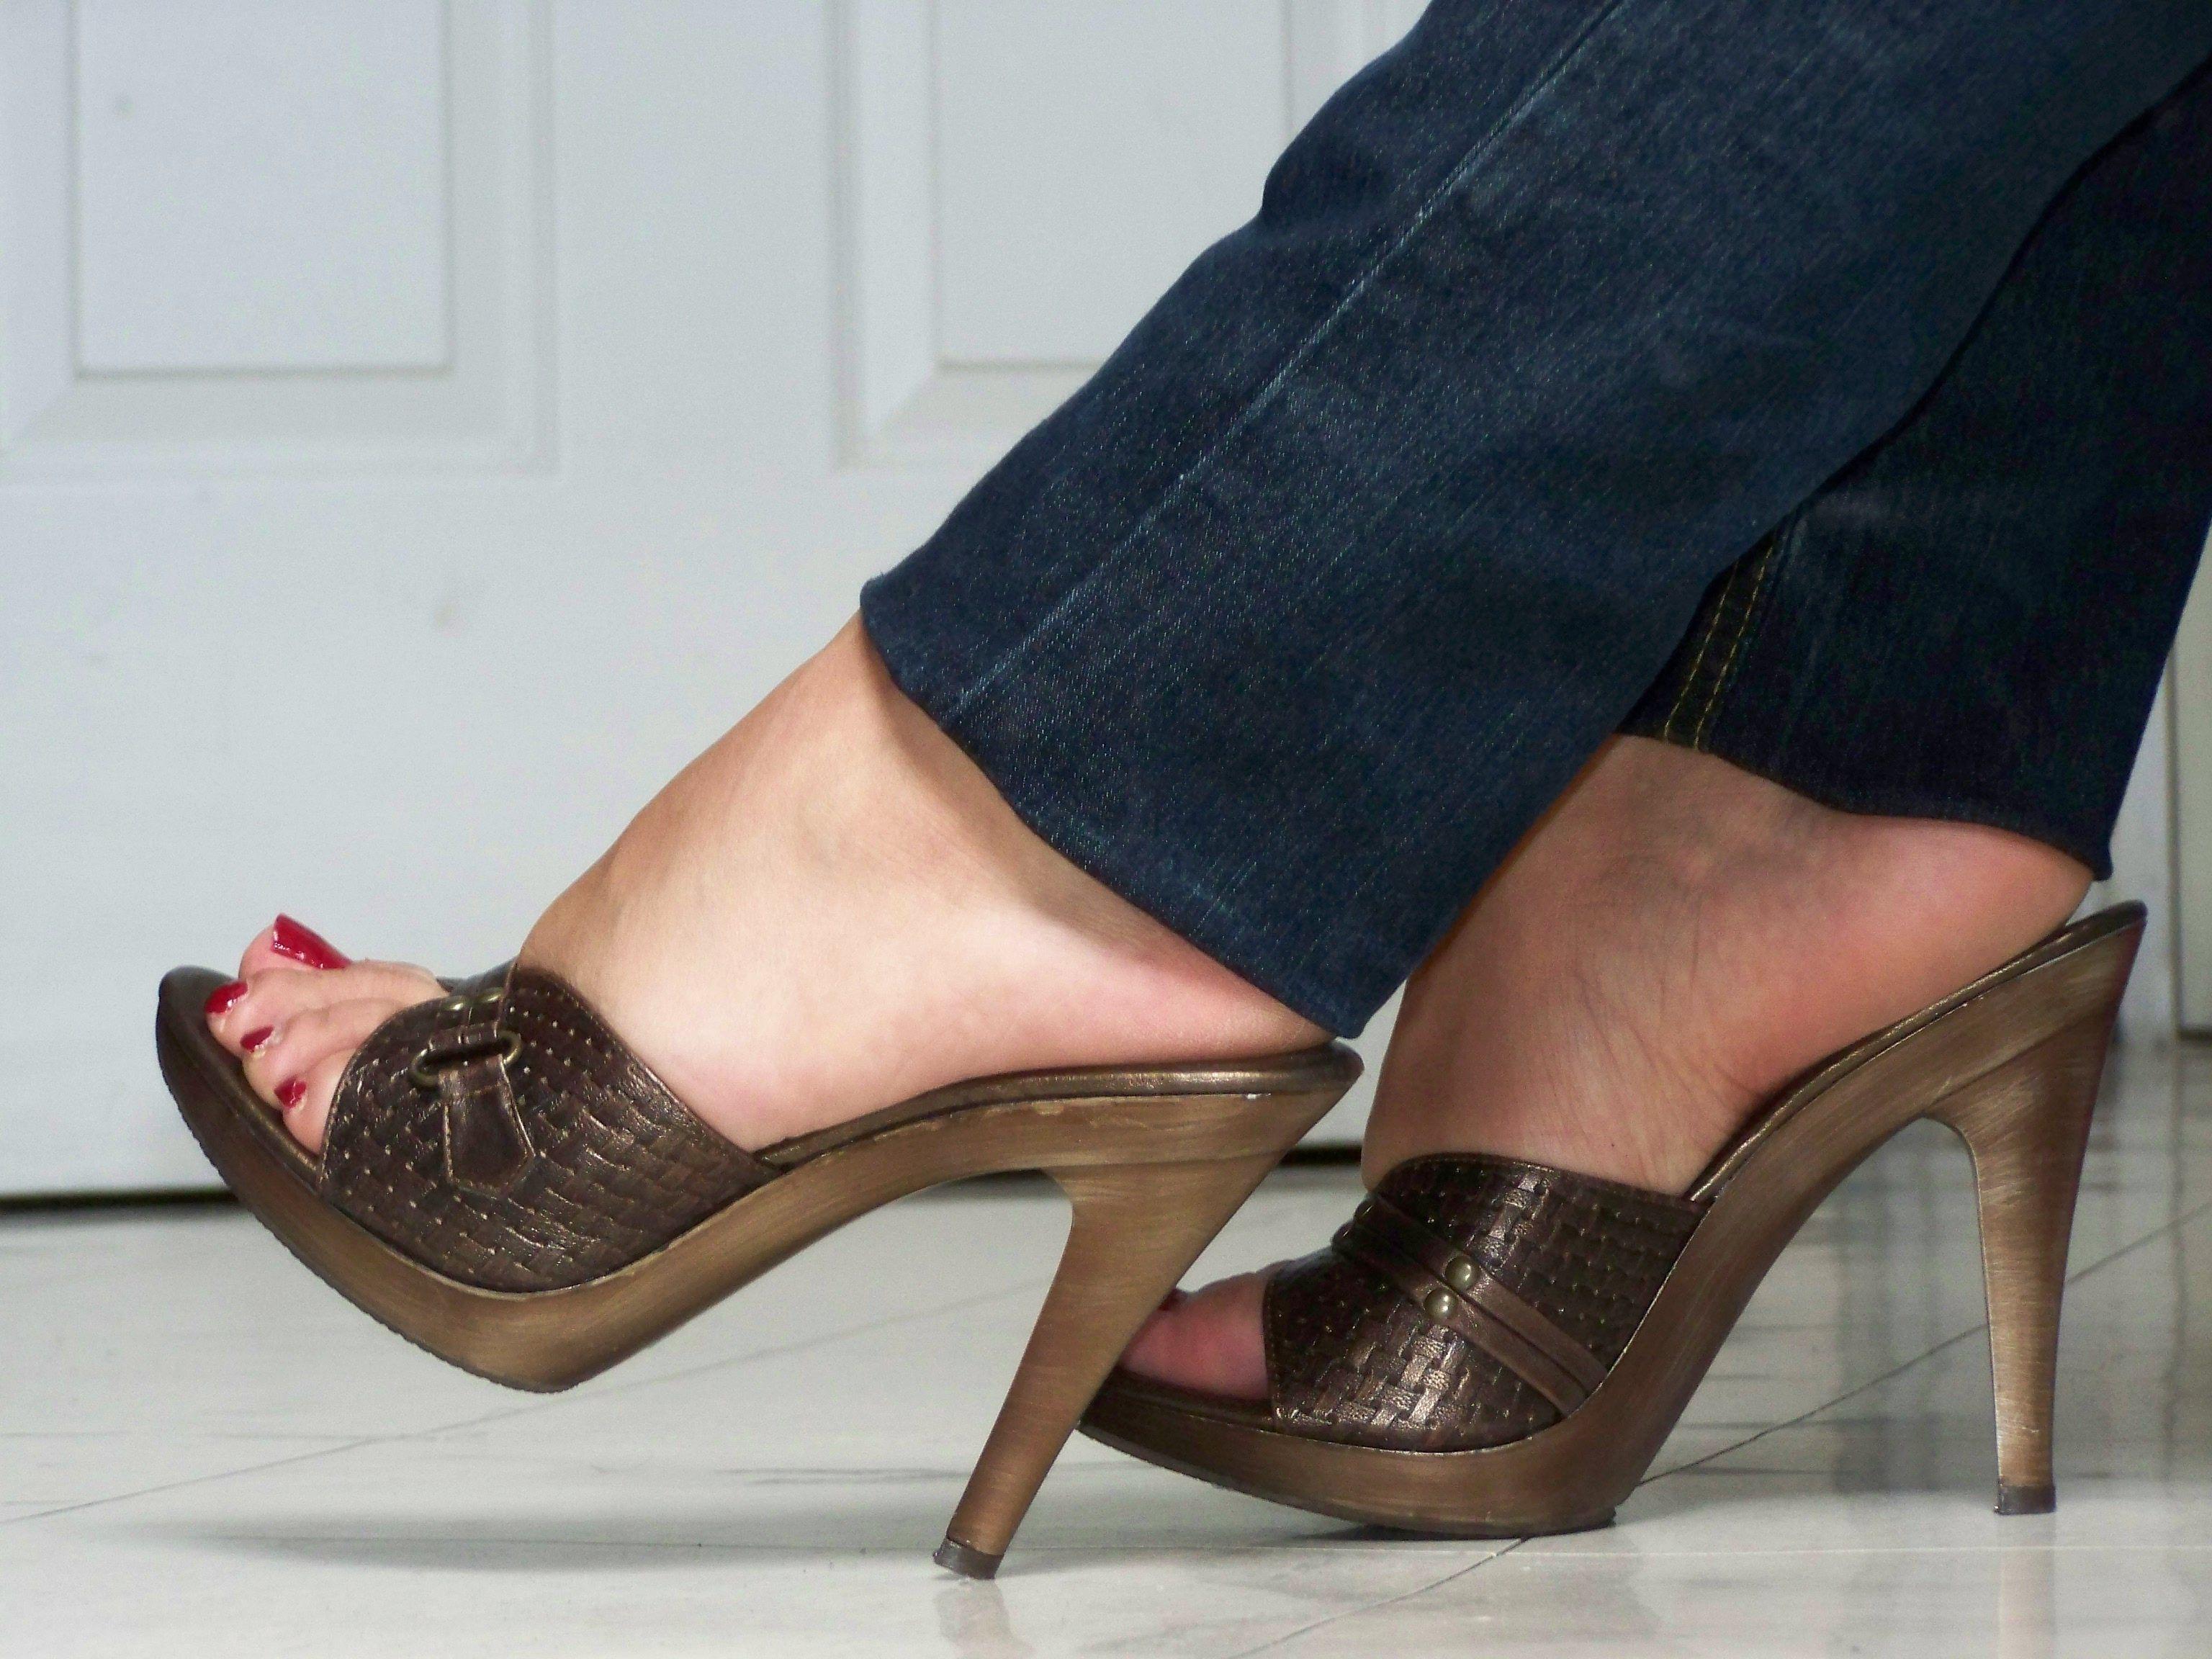 b0045aae0603 Pin od používateľa kokot na nástenke Shoes